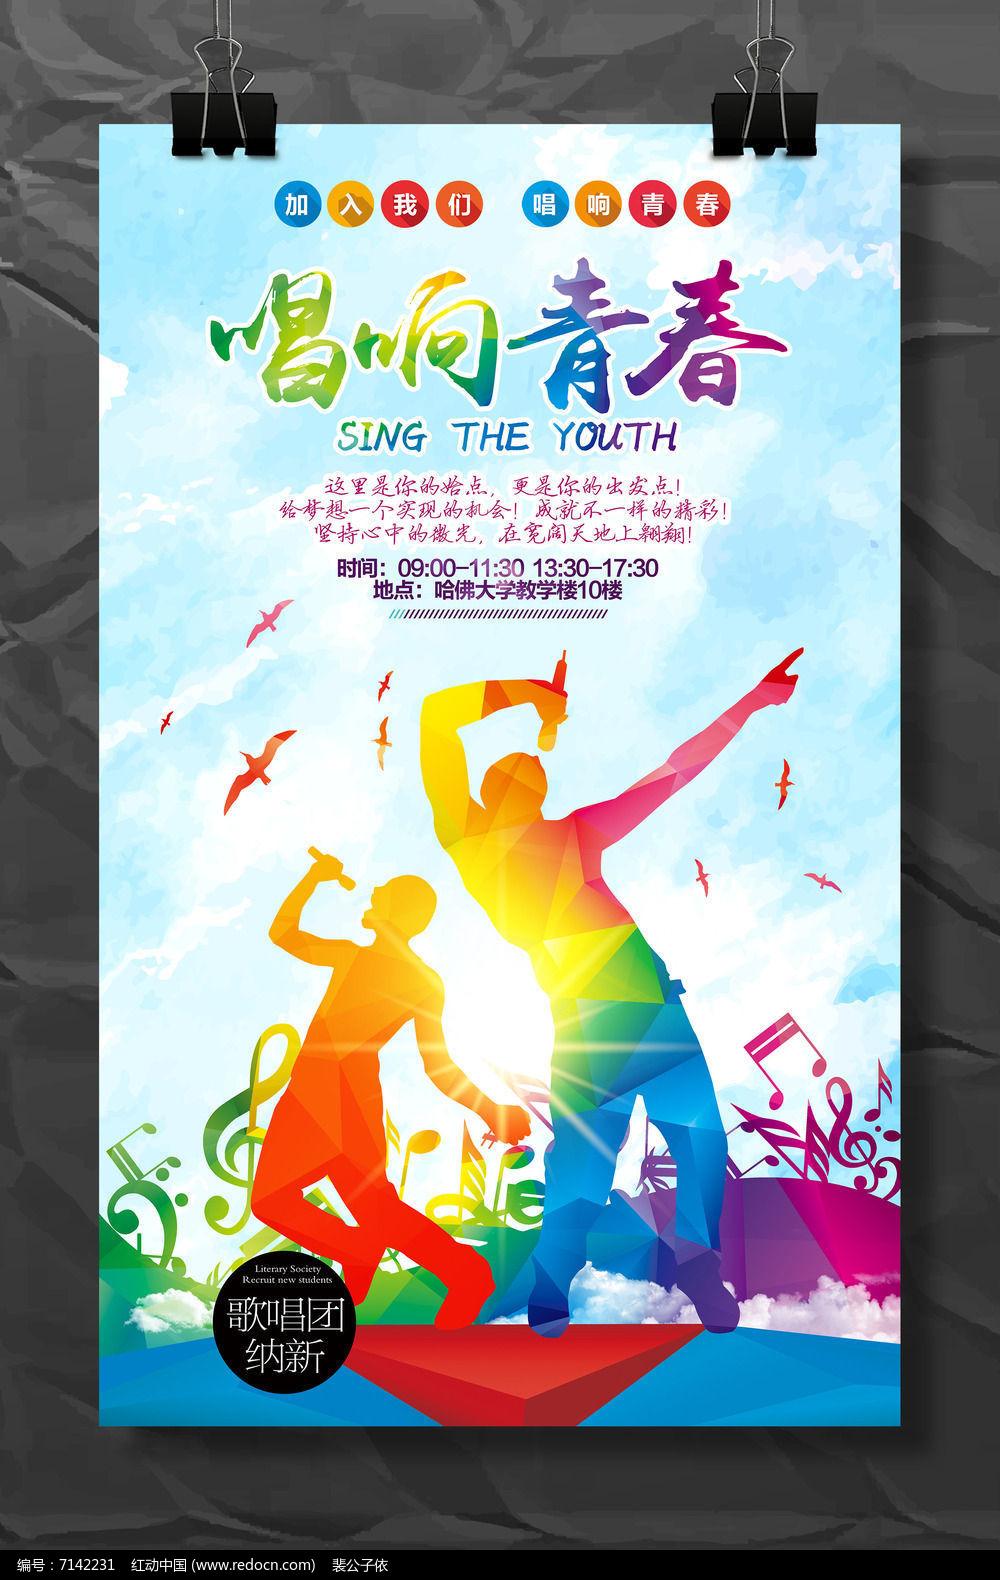 大学生歌唱比赛创意海报设计图片